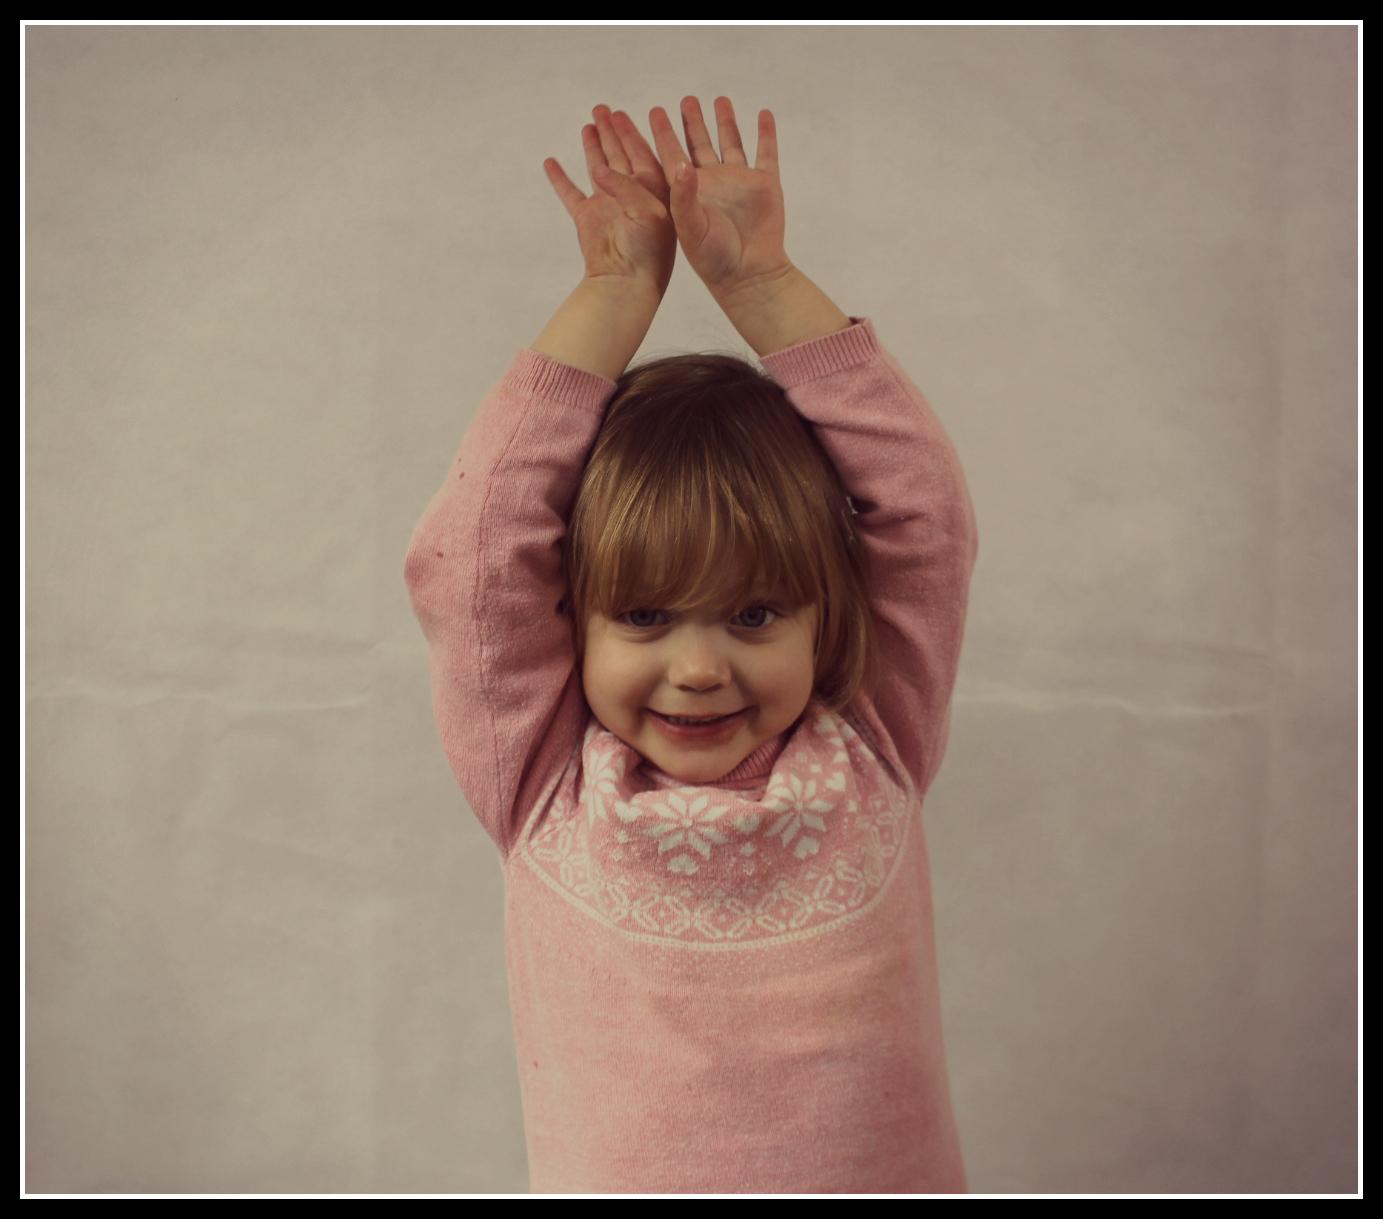 portrait, photography, blogging, MySundayPhoto, #MySundayPhoto,